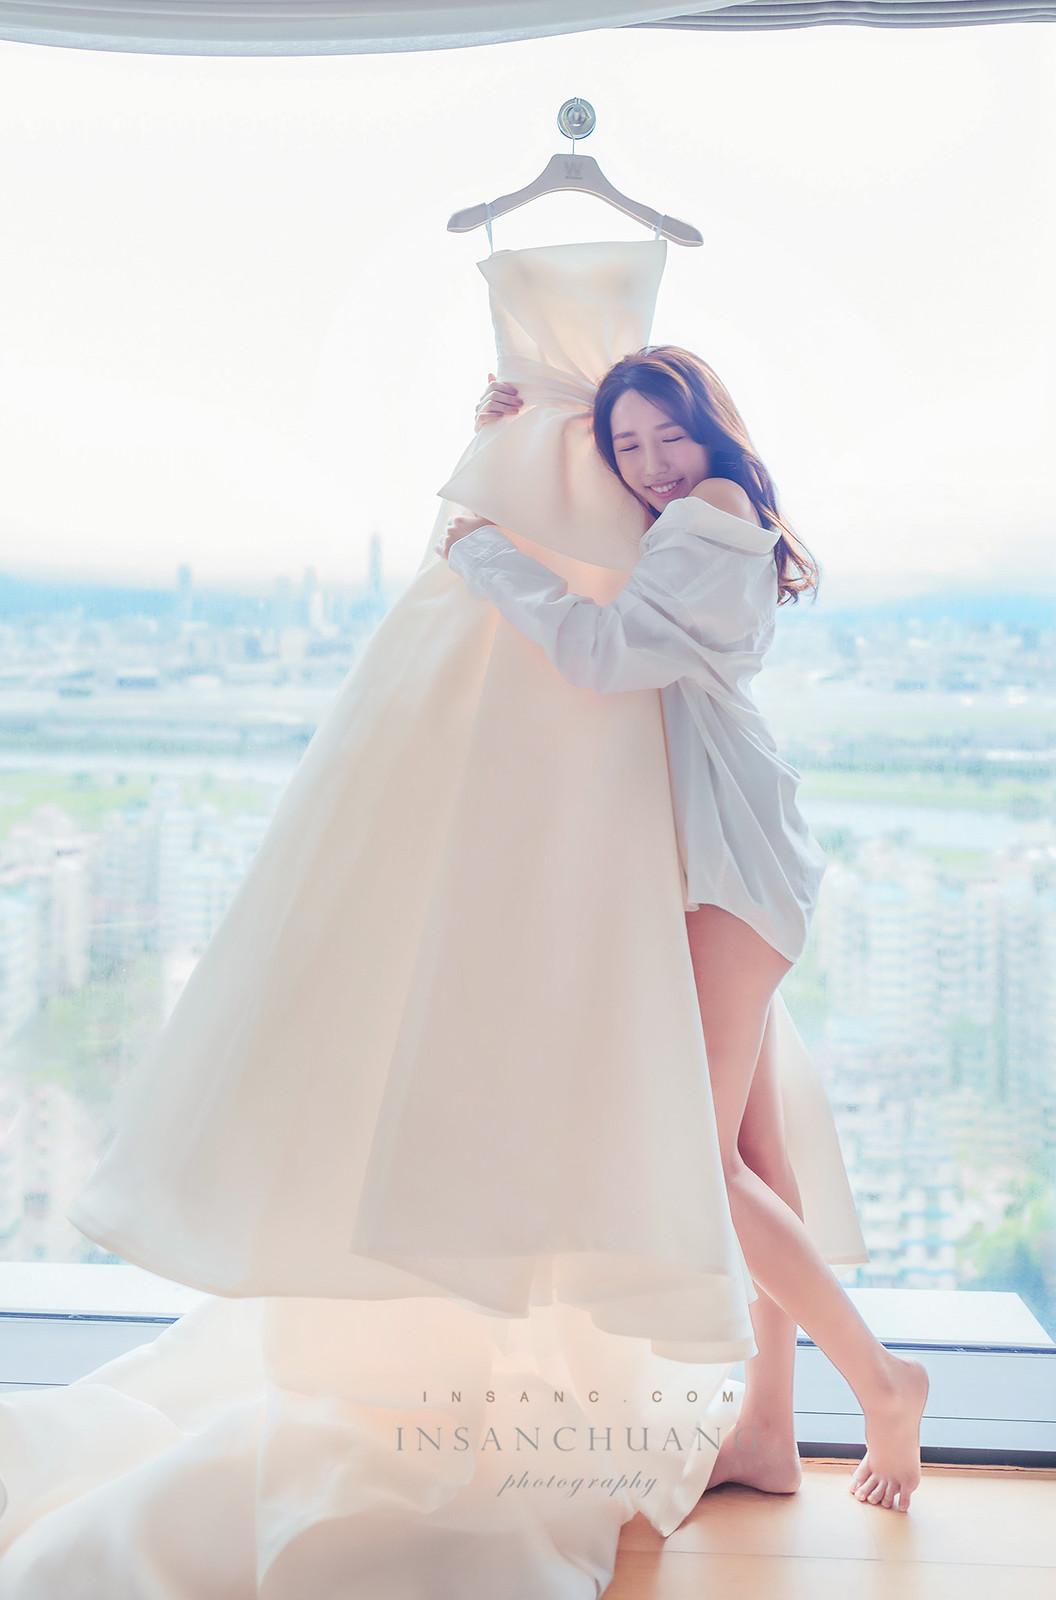 婚攝英聖-萬豪酒店美式婚禮-婚攝英聖-萬豪美式婚禮-20210307063738-1920